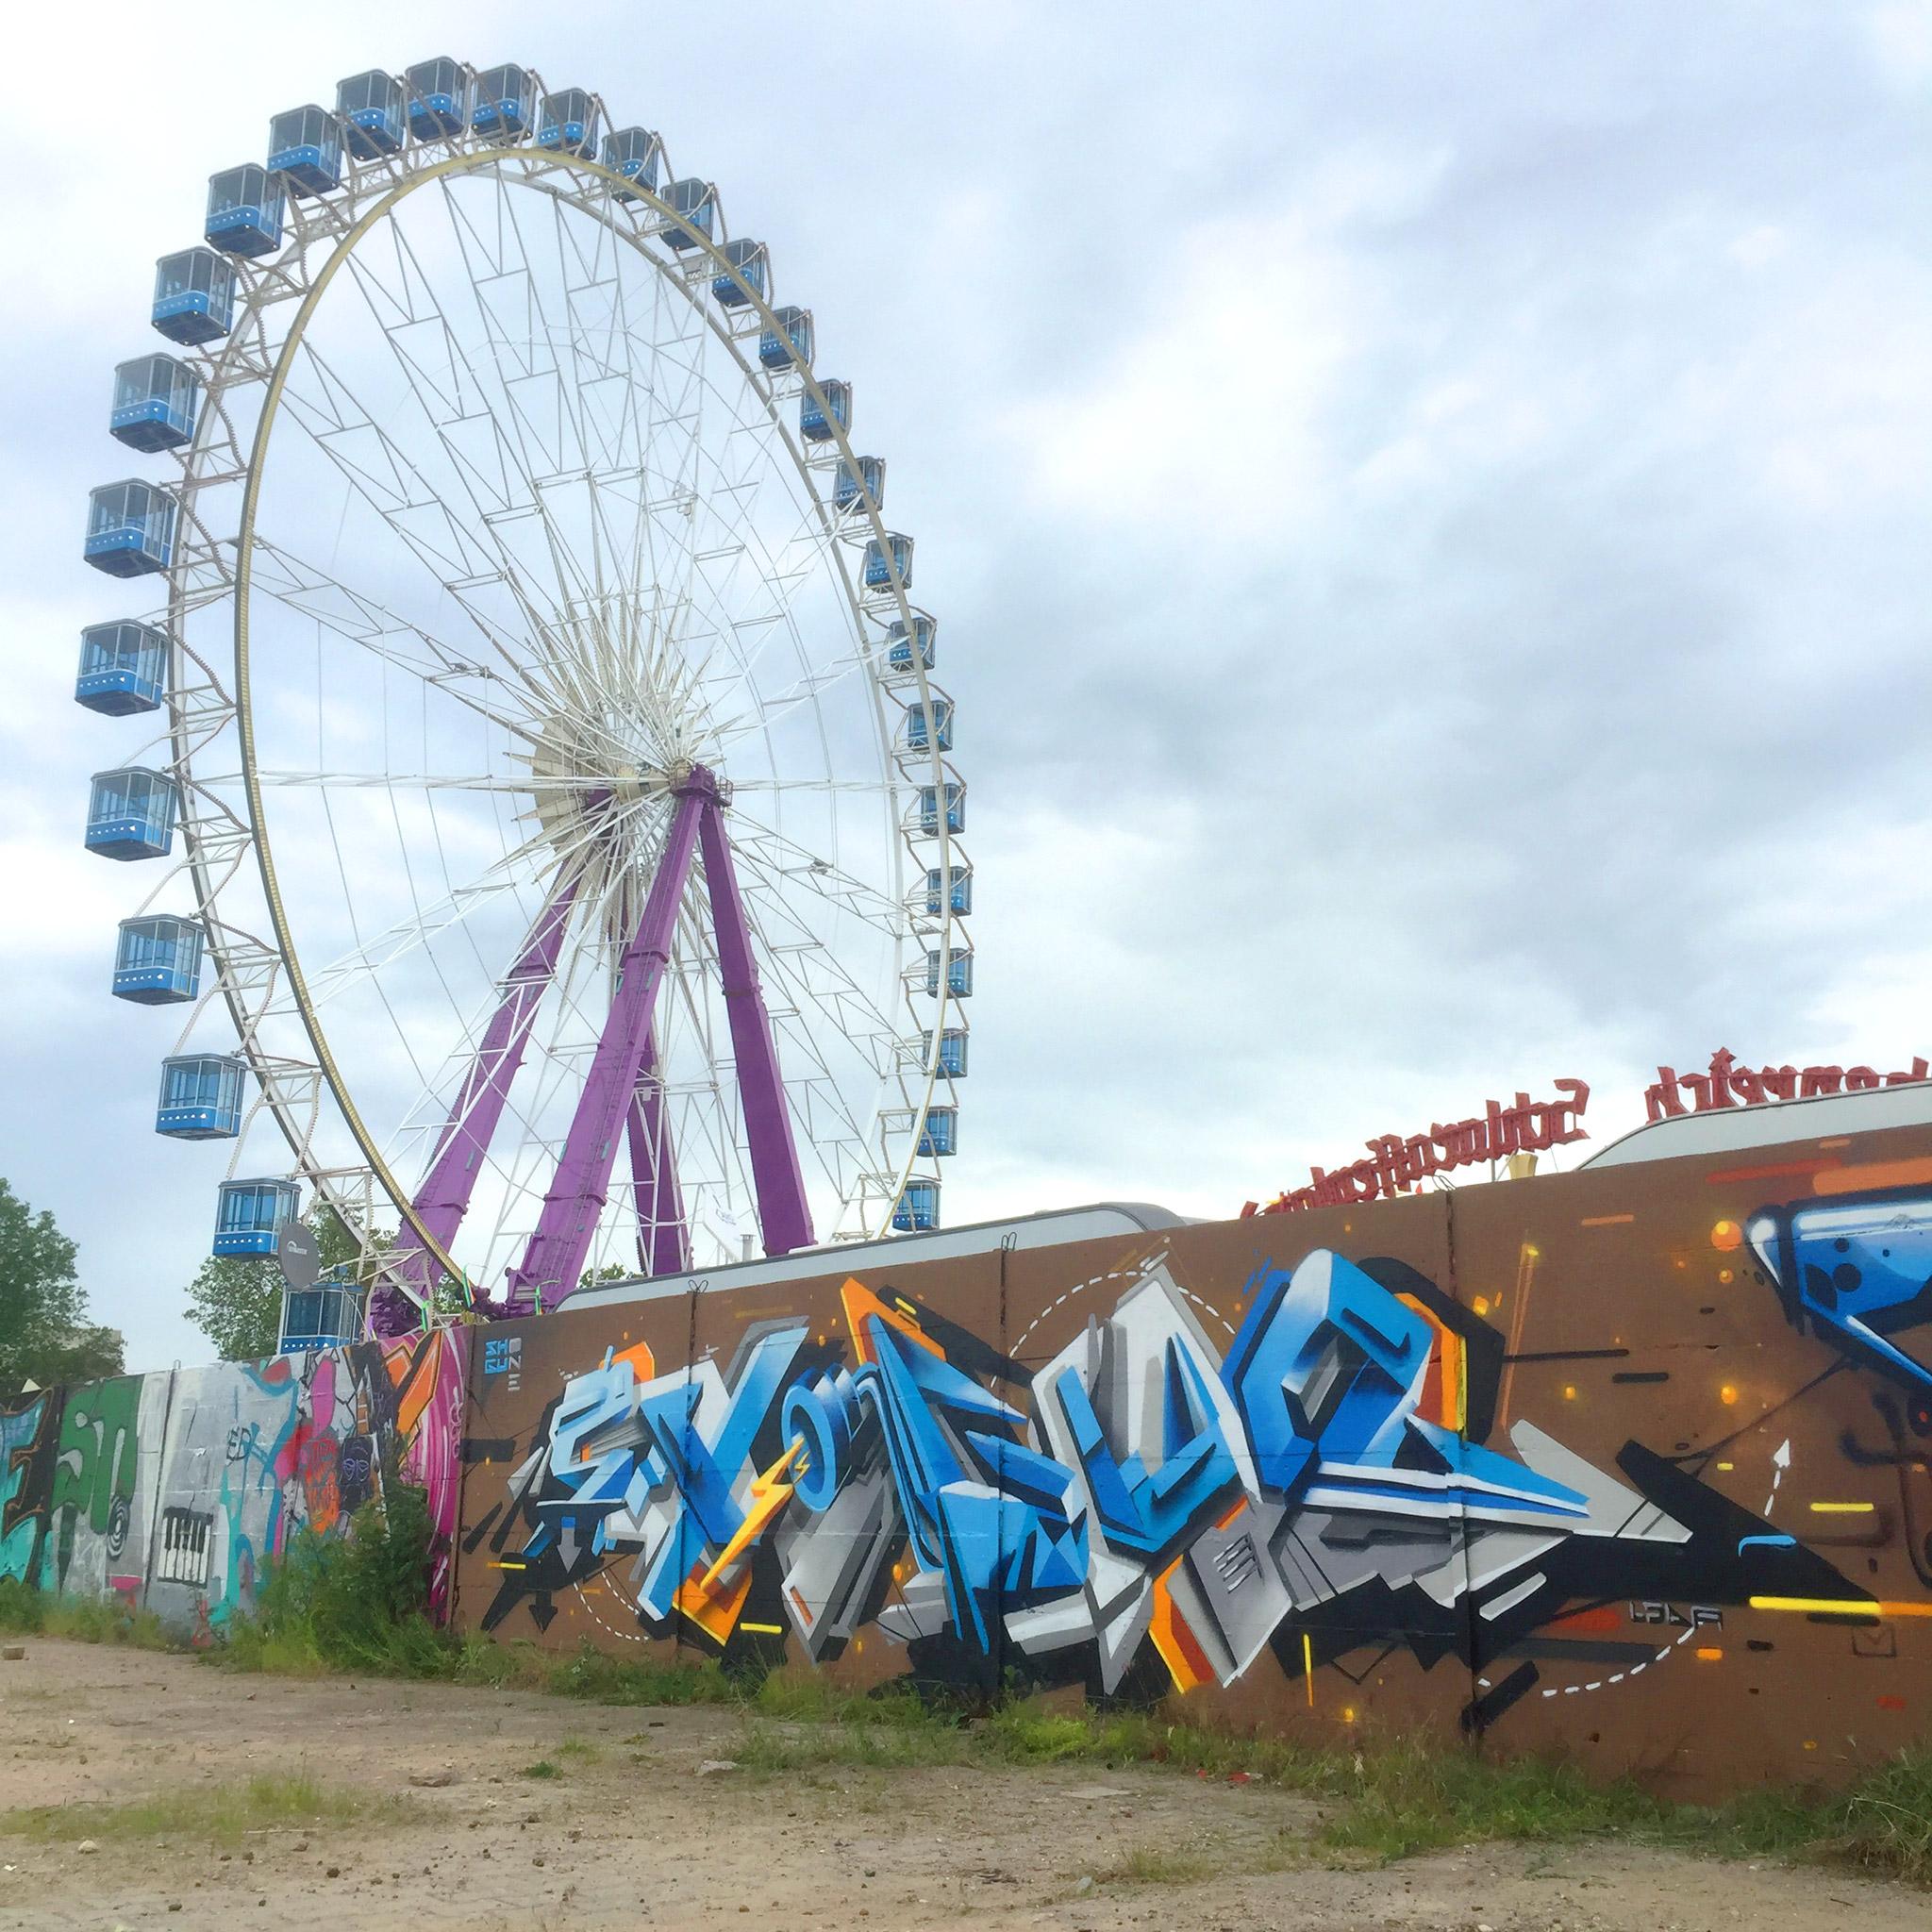 shogun_ceon_graffiti_karlsruhe_2016_4